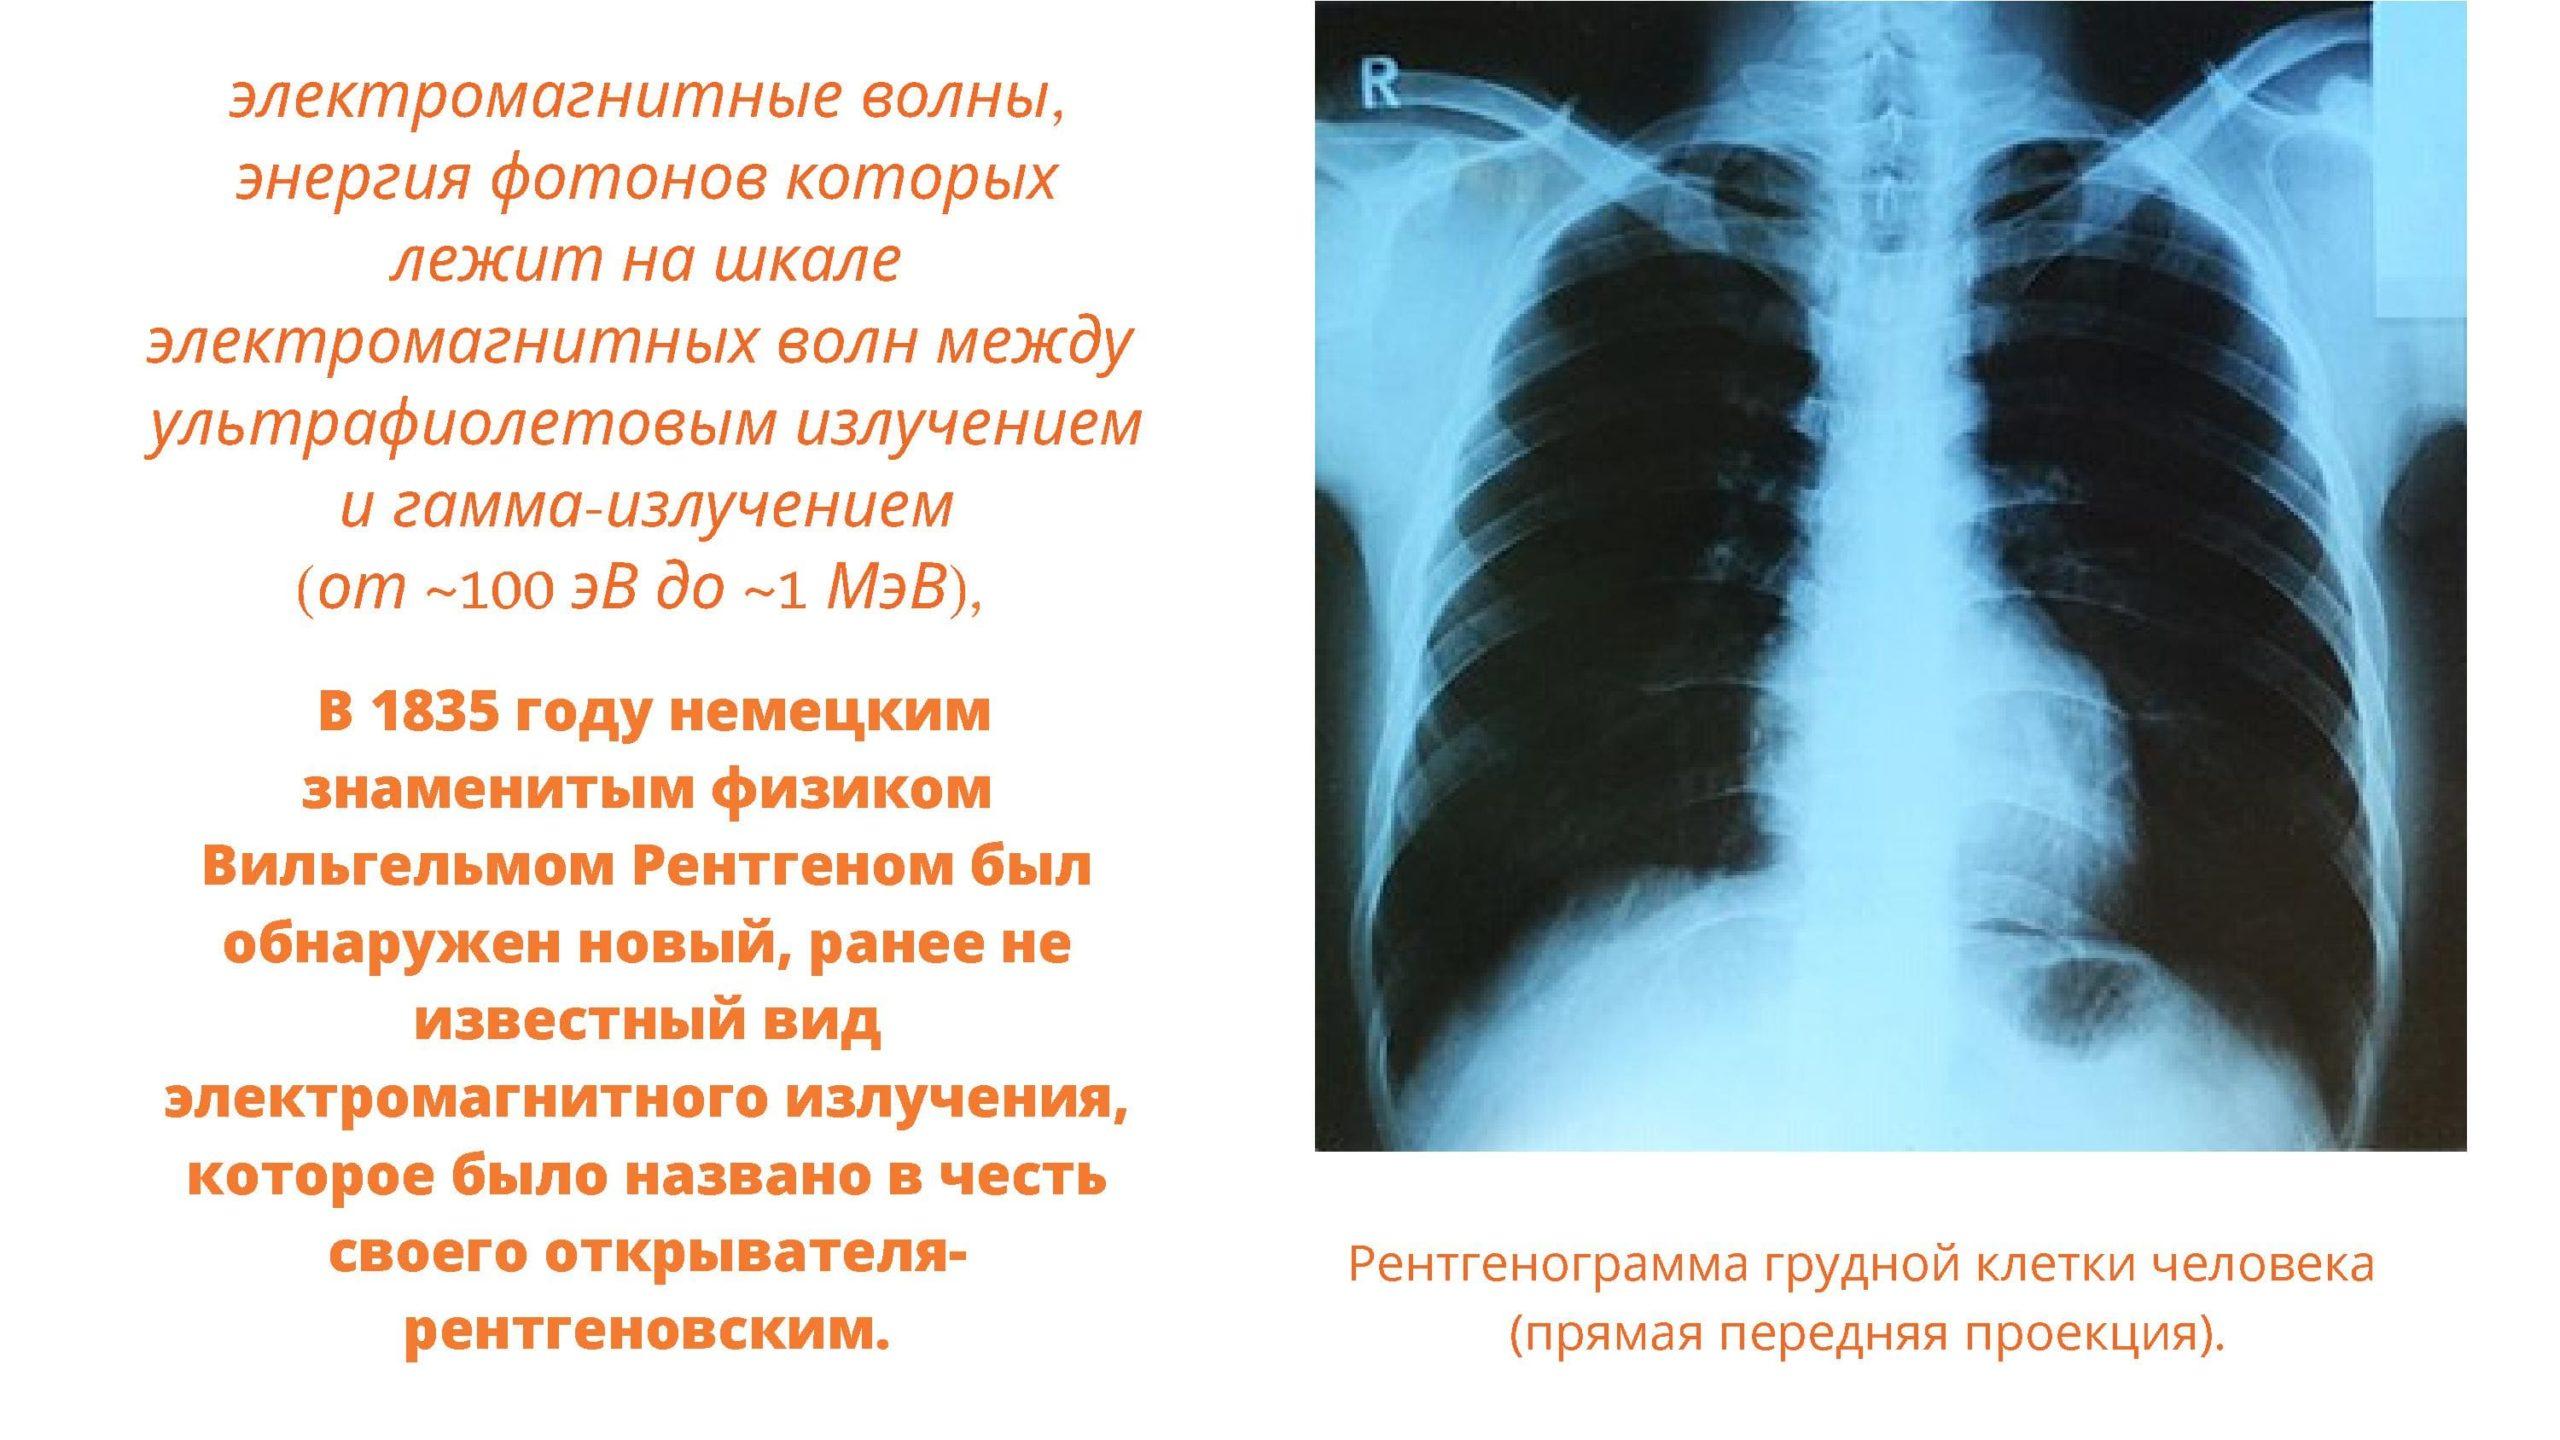 В 1835 году немецким физиком Вильгельмом Рентгеном был обнаружен новый